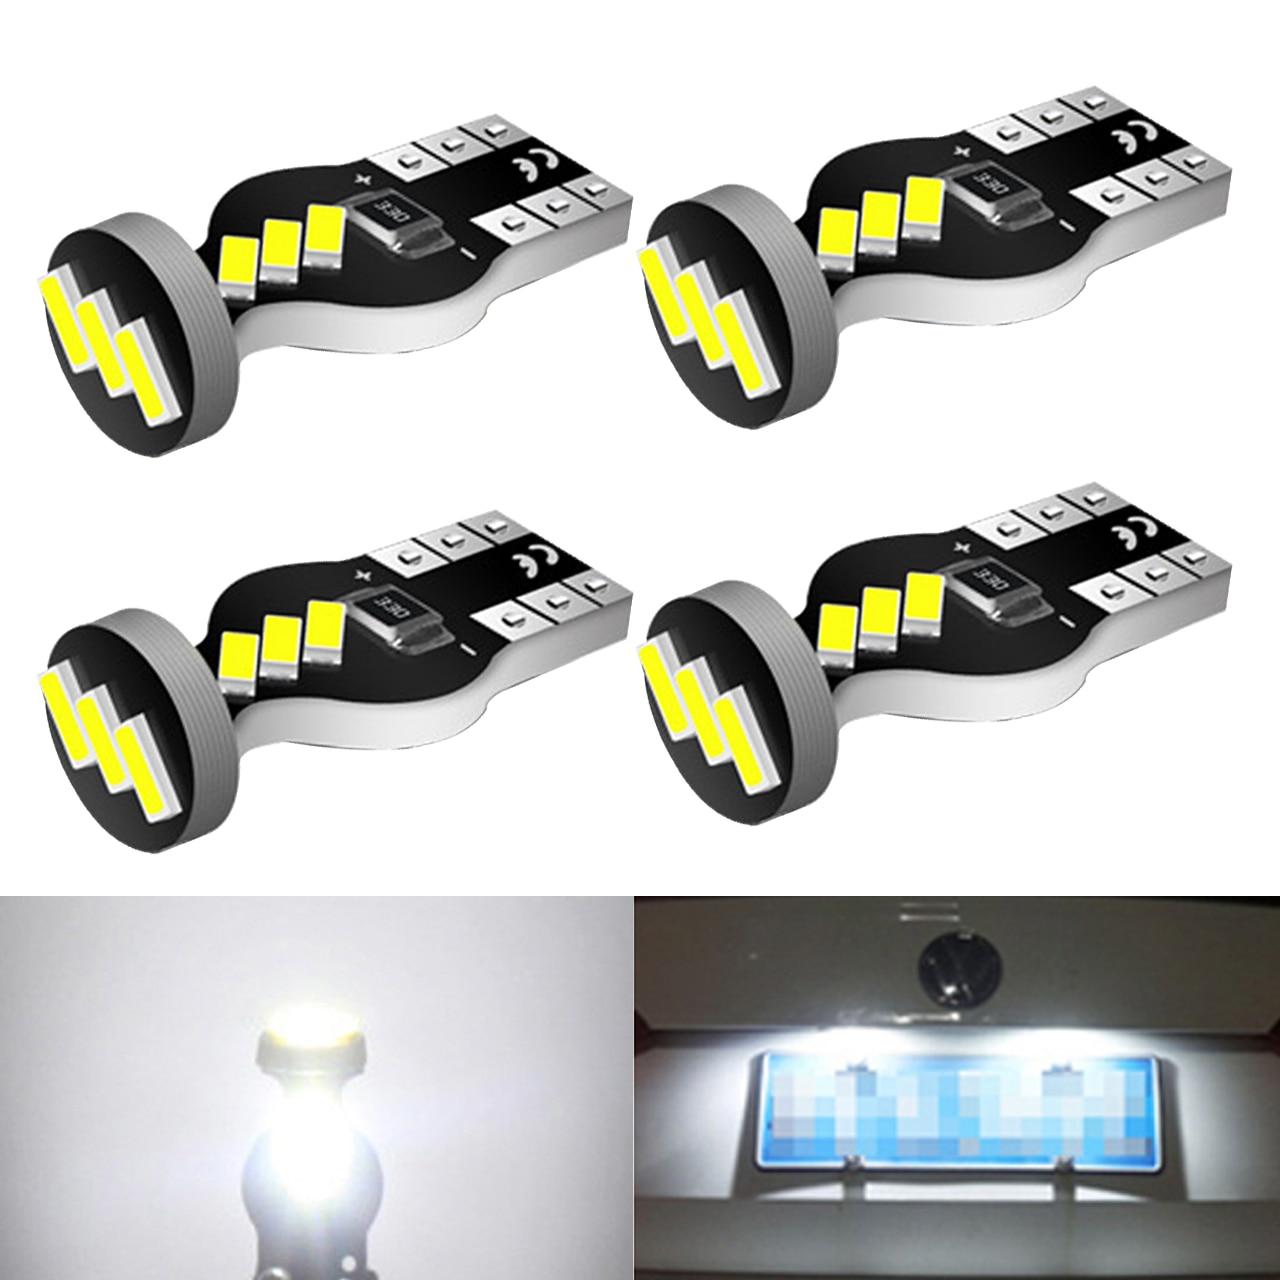 4 pces t10 led lâmpada sem erros mapa do carro cúpula tronco luz para mercedes-benz w204 c300 c350 c250 e350 e550 ml550 r320 r350 e320 e500